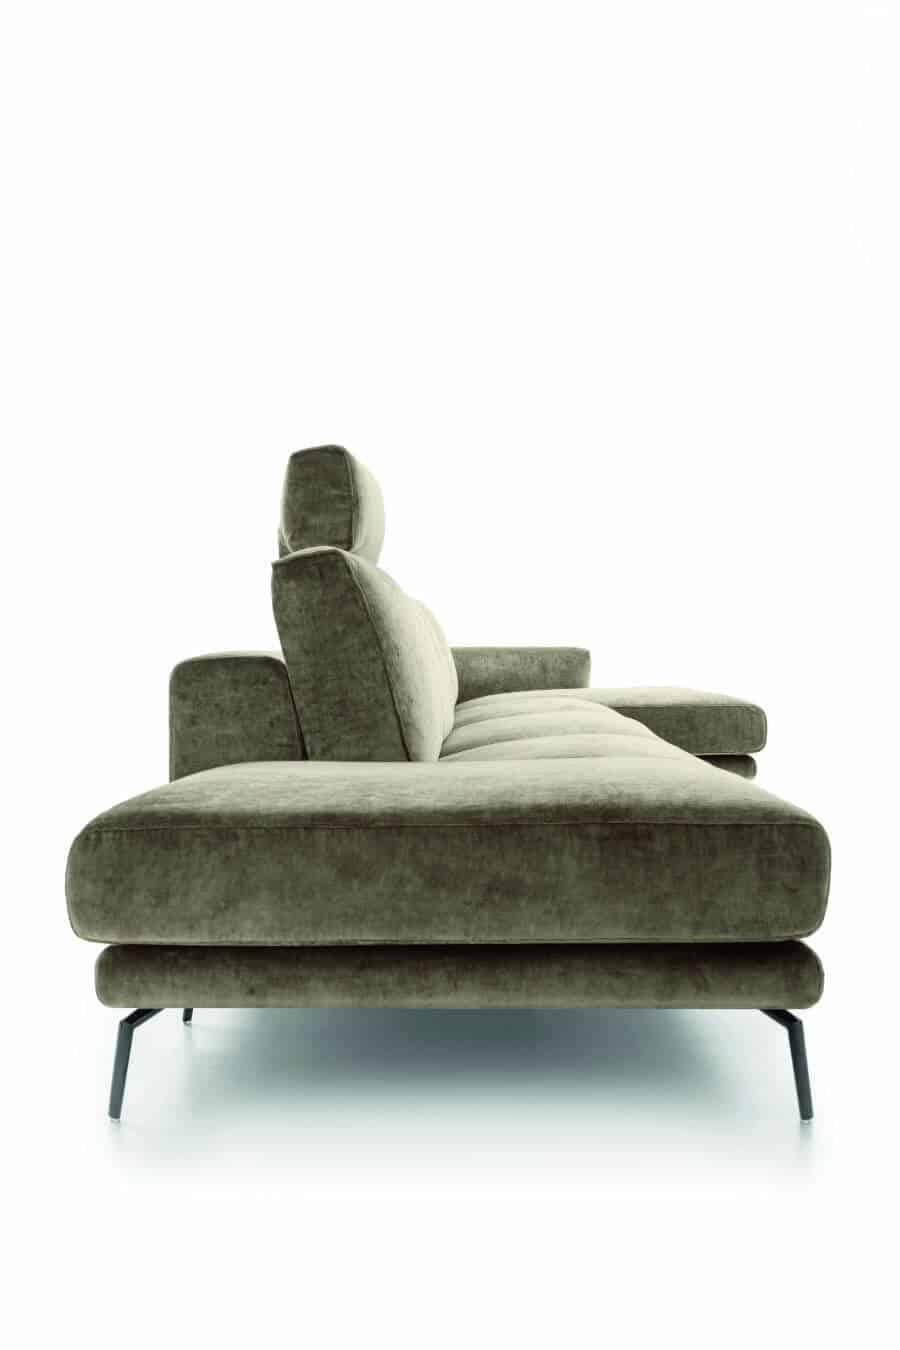 divano-particolare-schienale-collezione-bora-il-mobile